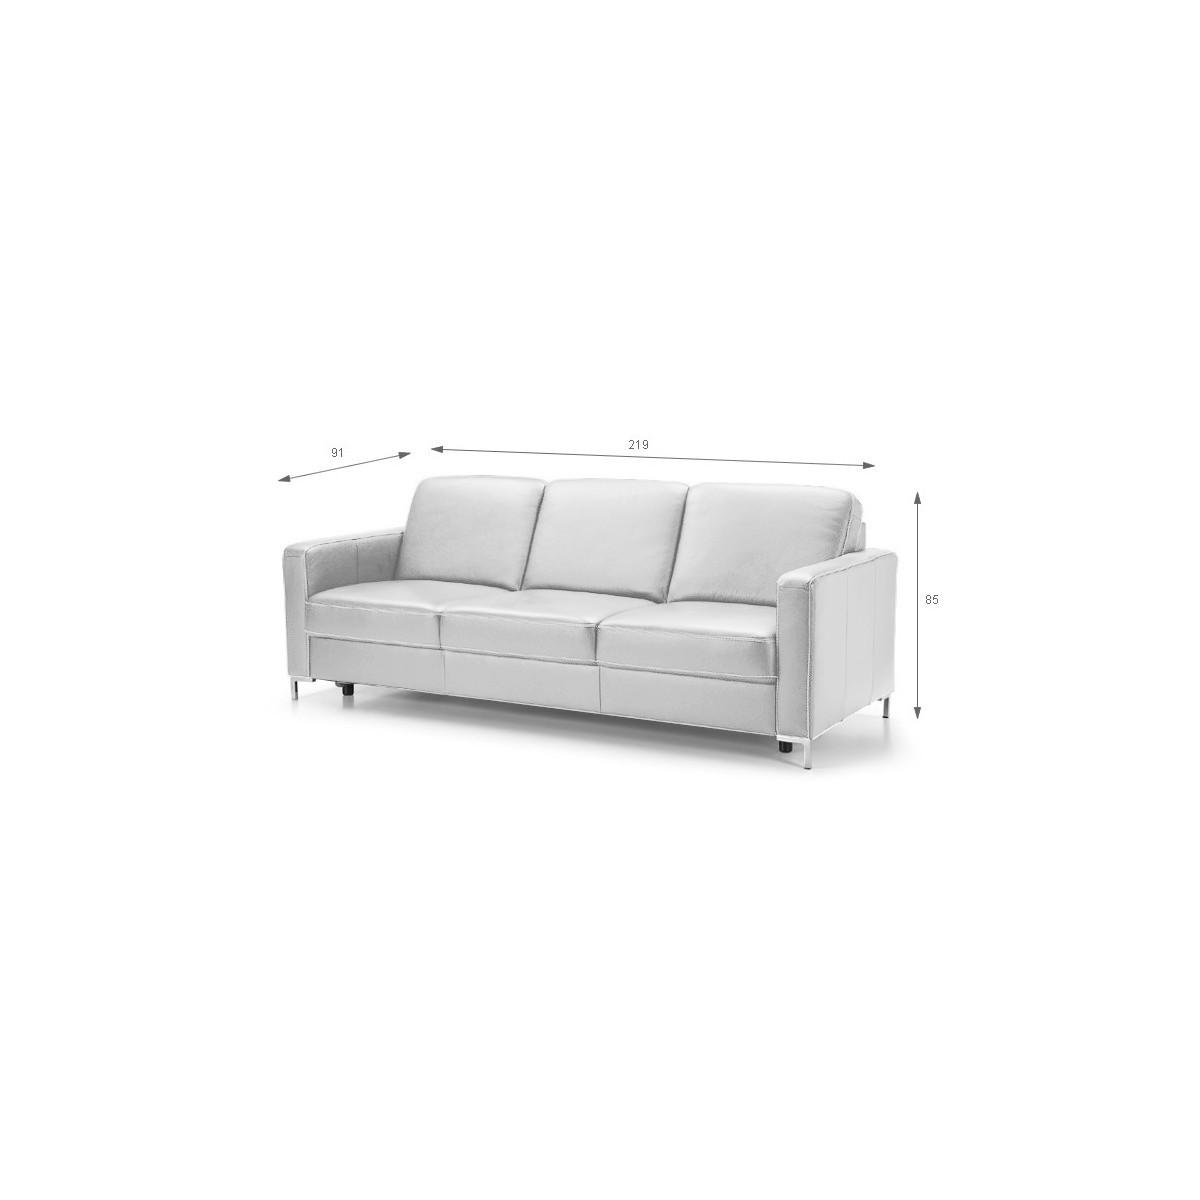 Basic sofa 3F 219cm